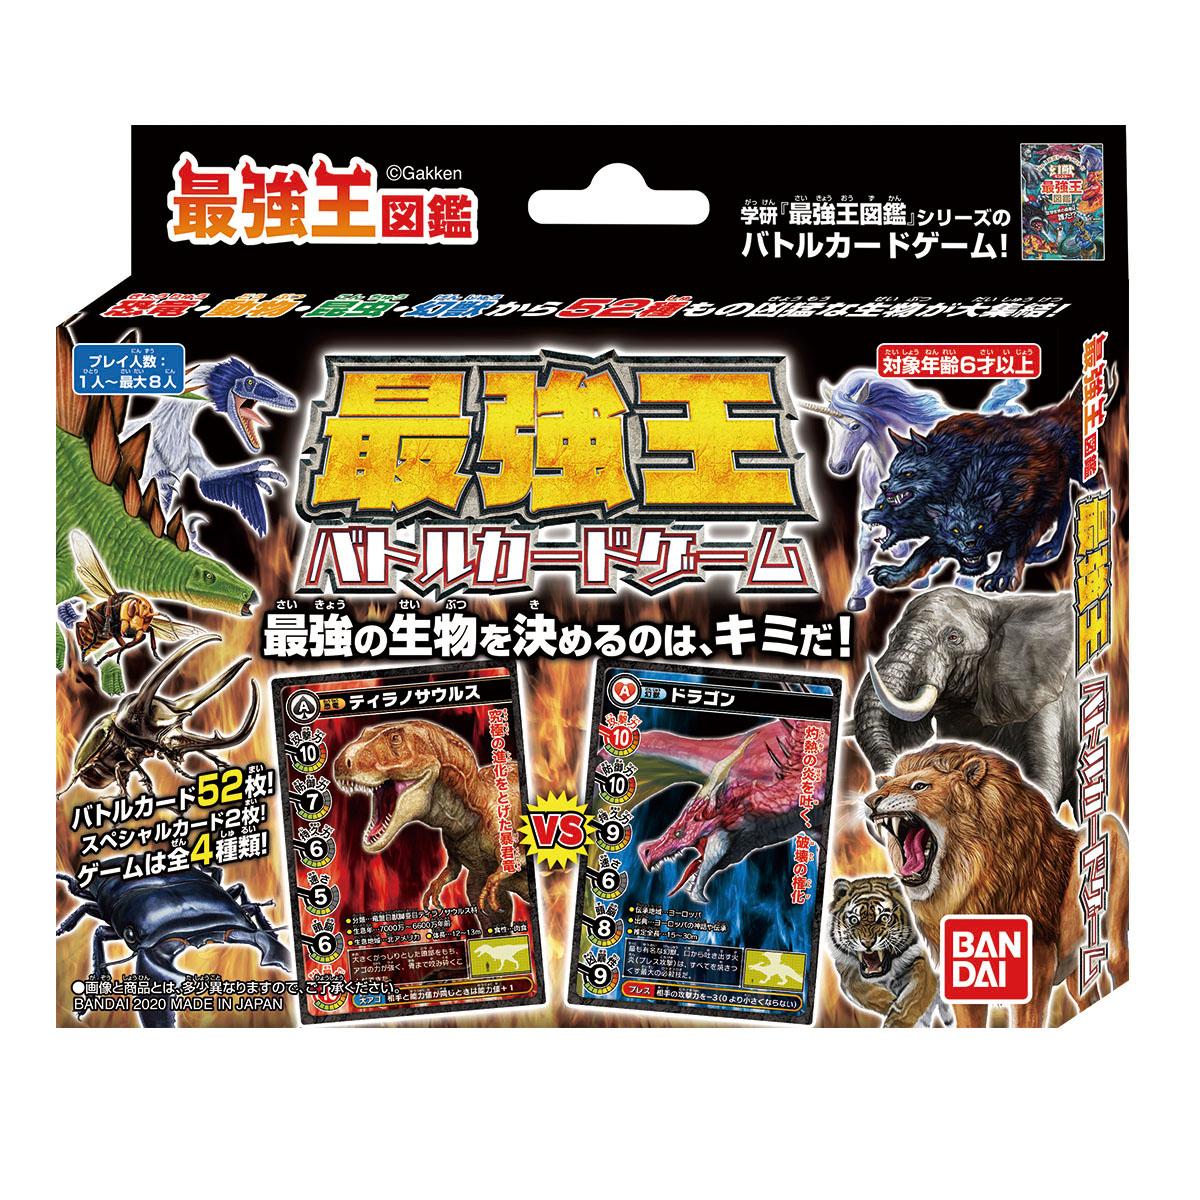 「最強王図鑑 最強王バトルカードゲーム」パッケージ